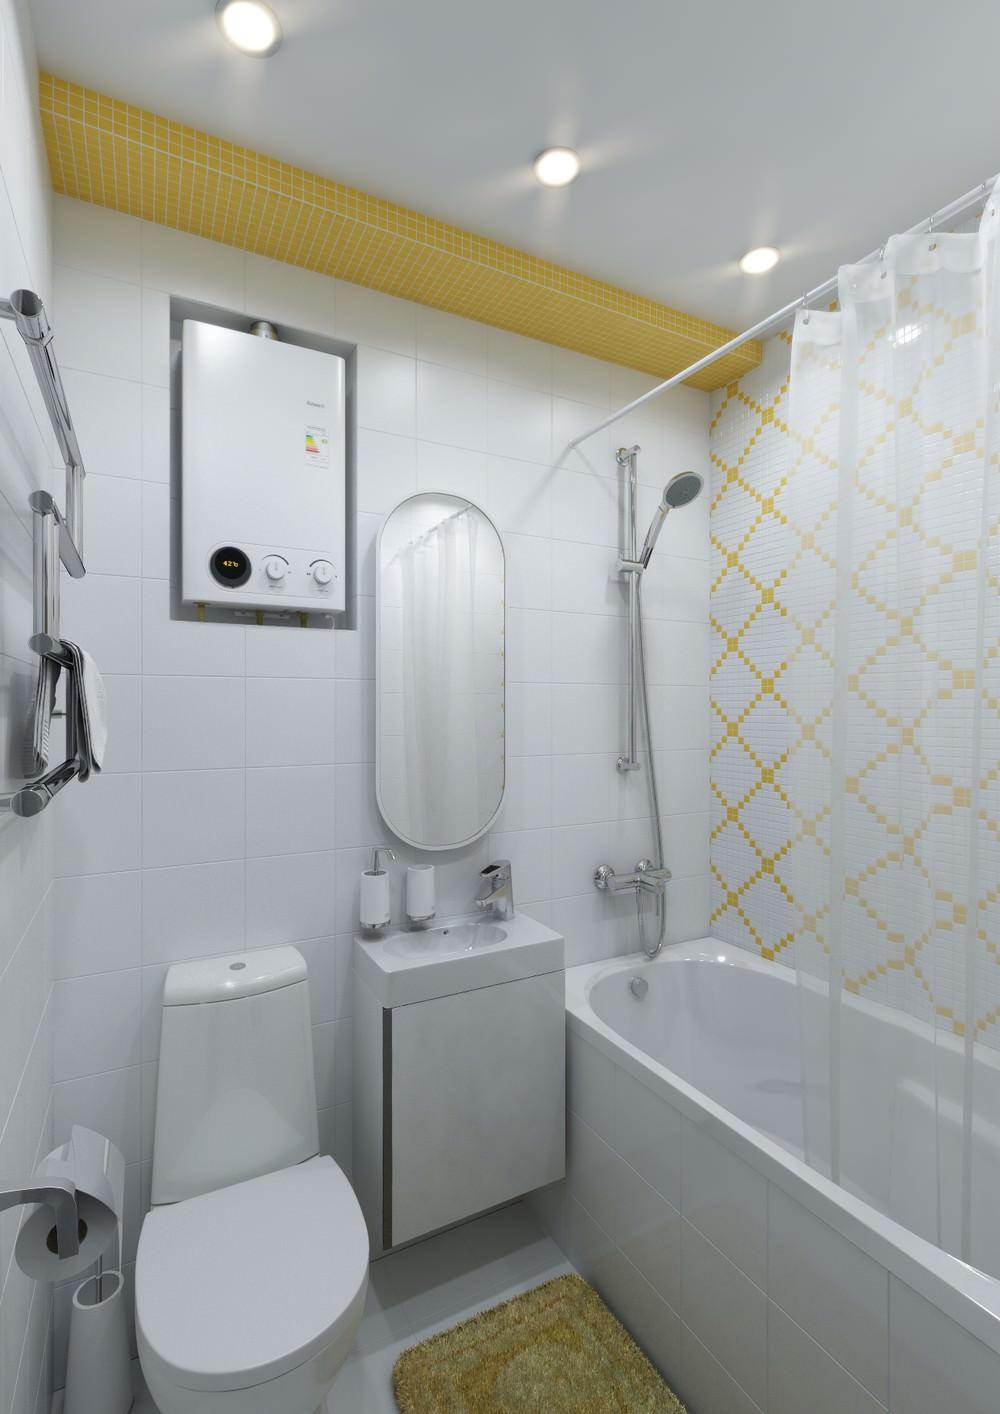 svej-i-praktichen-dizain-za-malak-studentski-apartament-911g